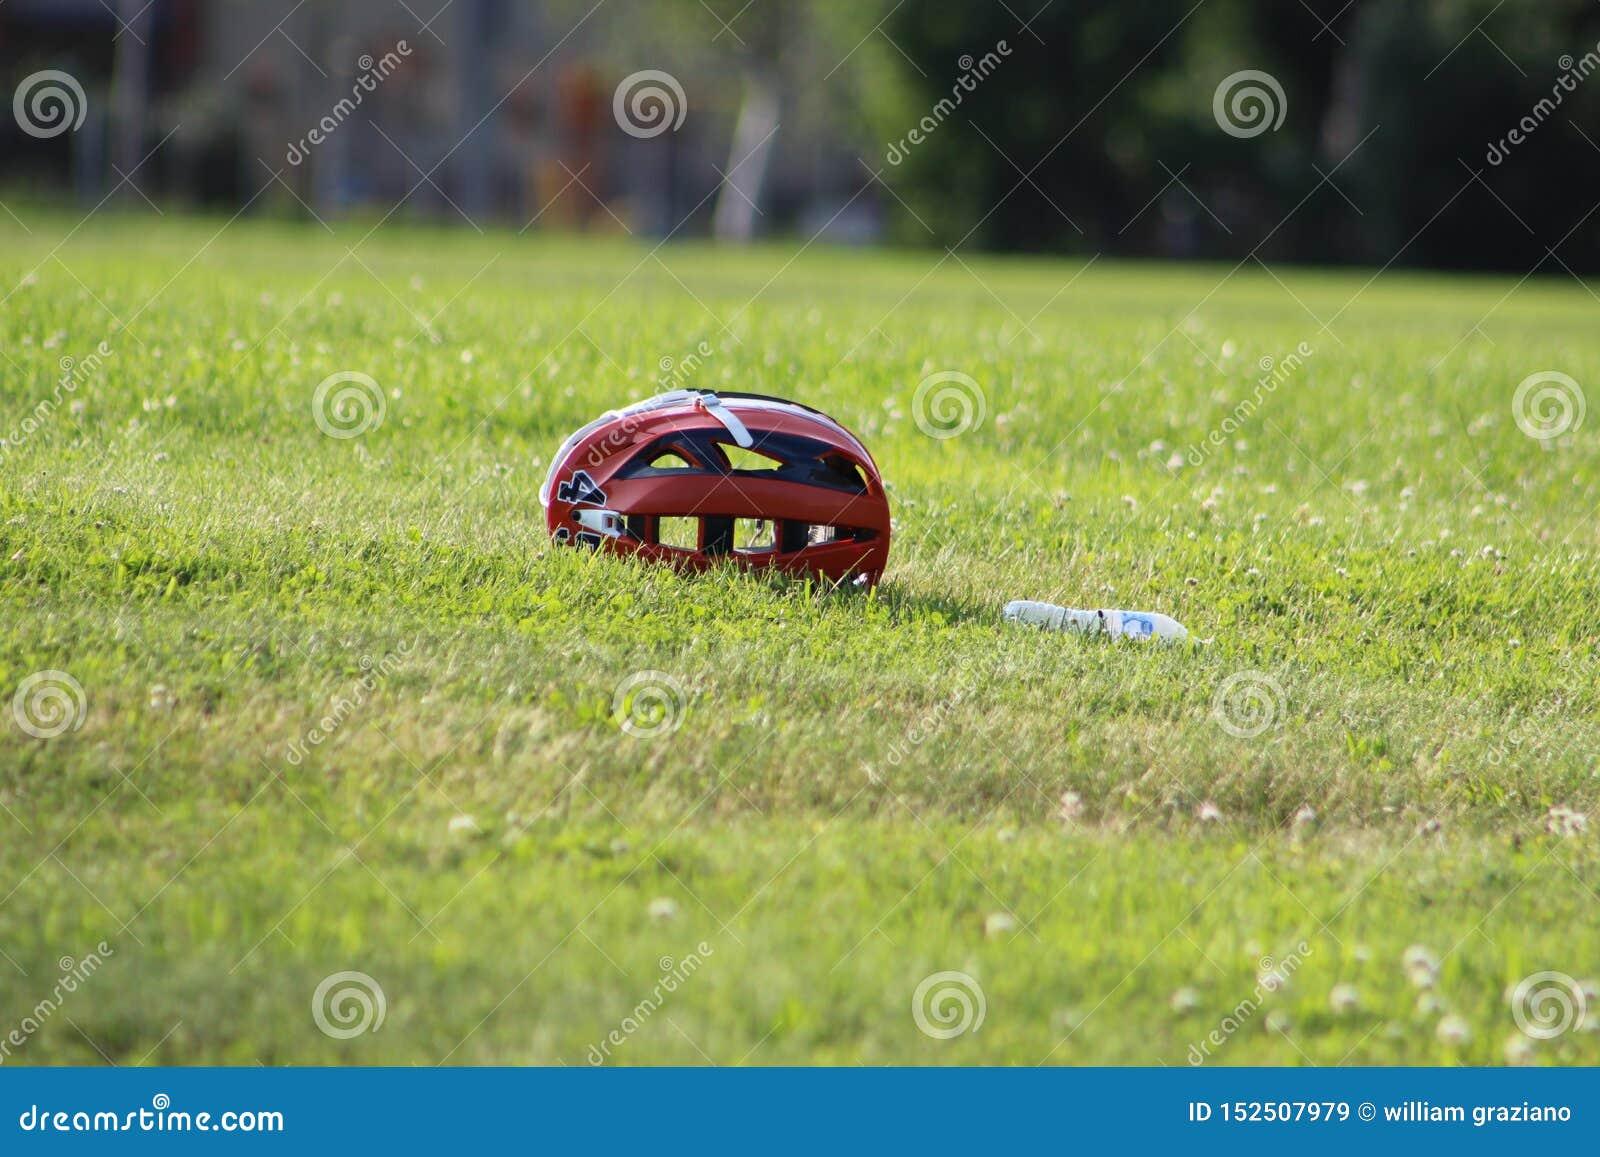 Lacrossesturzhelm auf einer Rasenfläche, mit Wasserflasche